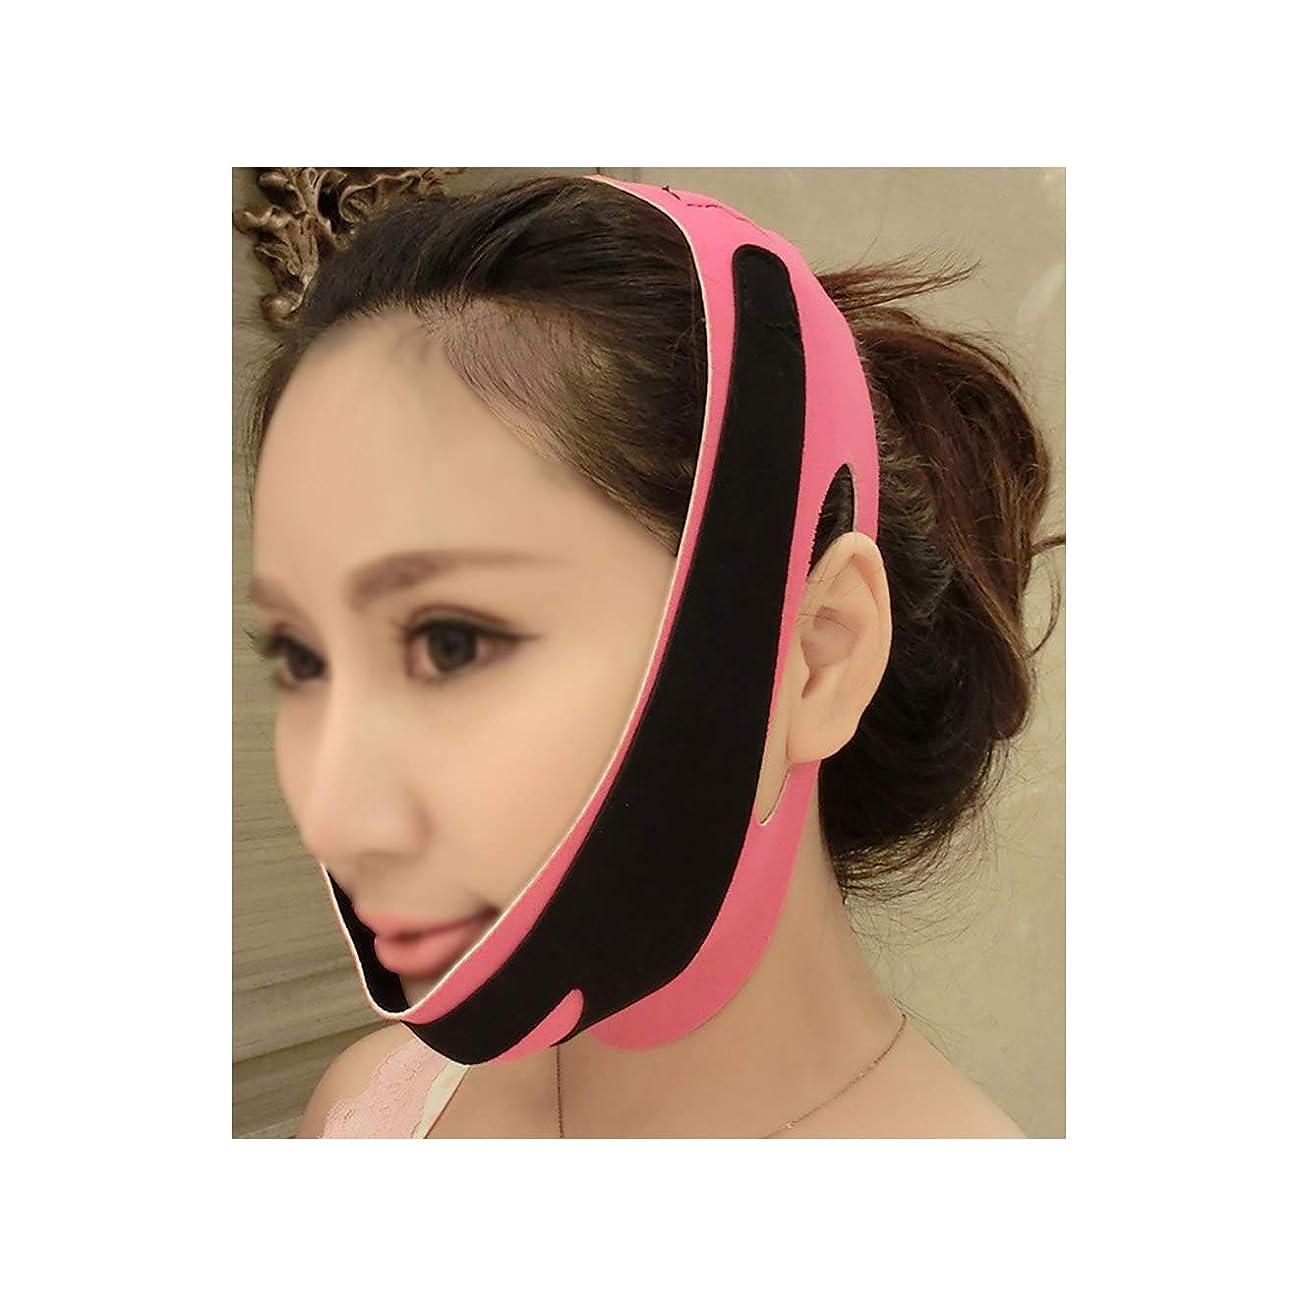 ニッケル作り実現可能性GLJJQMY 二重あごを取り除くために顔を持ち上げる包帯顔スリムVラインの顔の形のあごの頬を持ち上げる抗しわリフトベルトフェイシャルマッサージツール女性と女の子3顔包帯 顔用整形マスク